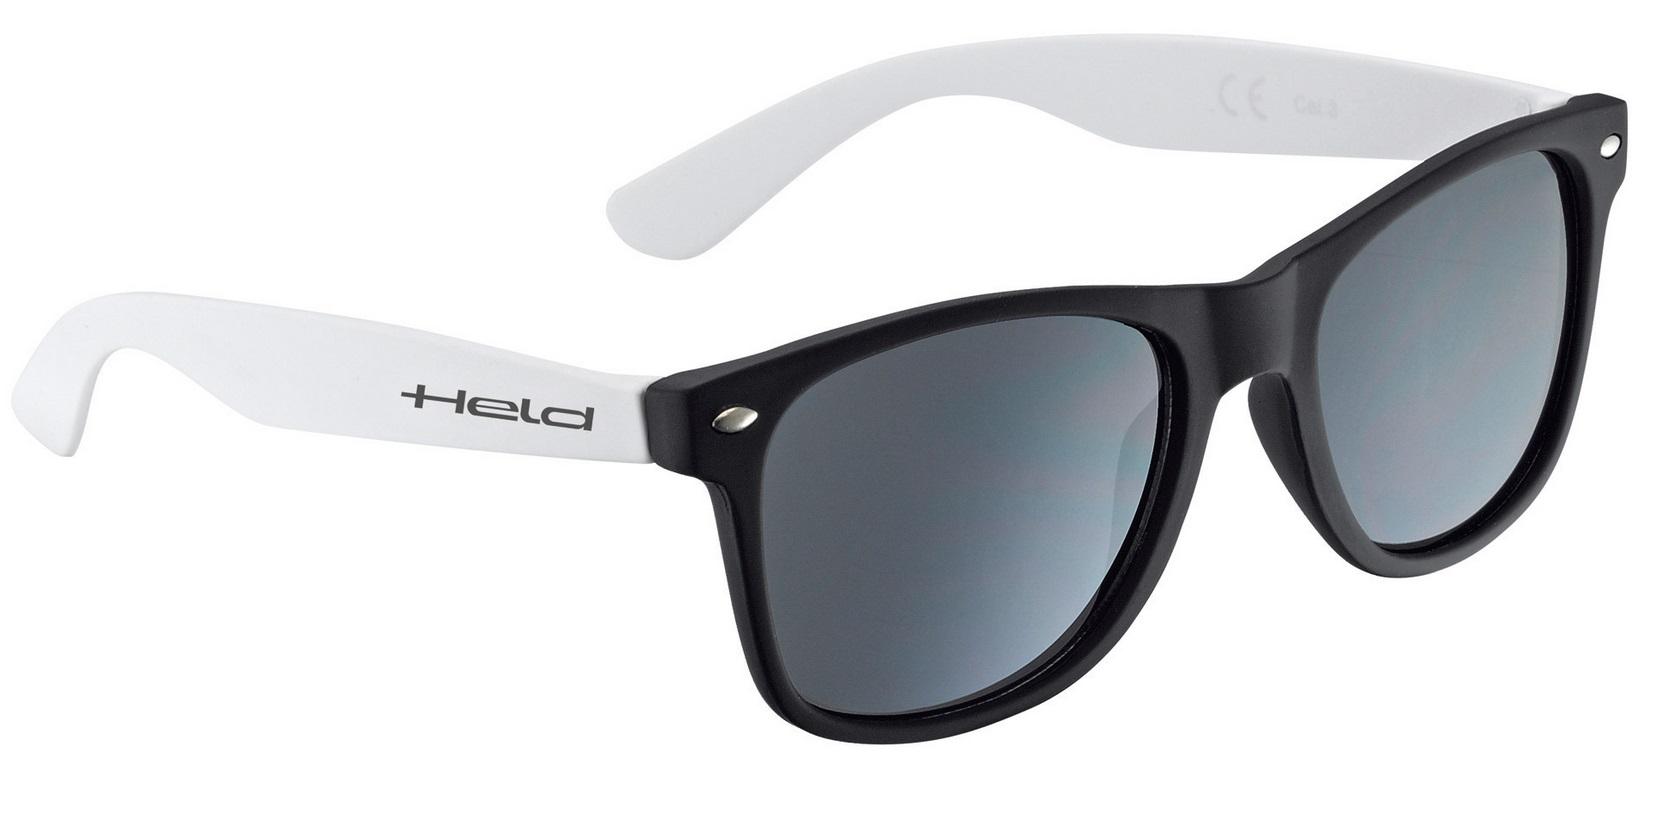 Held Sonnenbrille 9742 Schwarz/Weiß 153H1